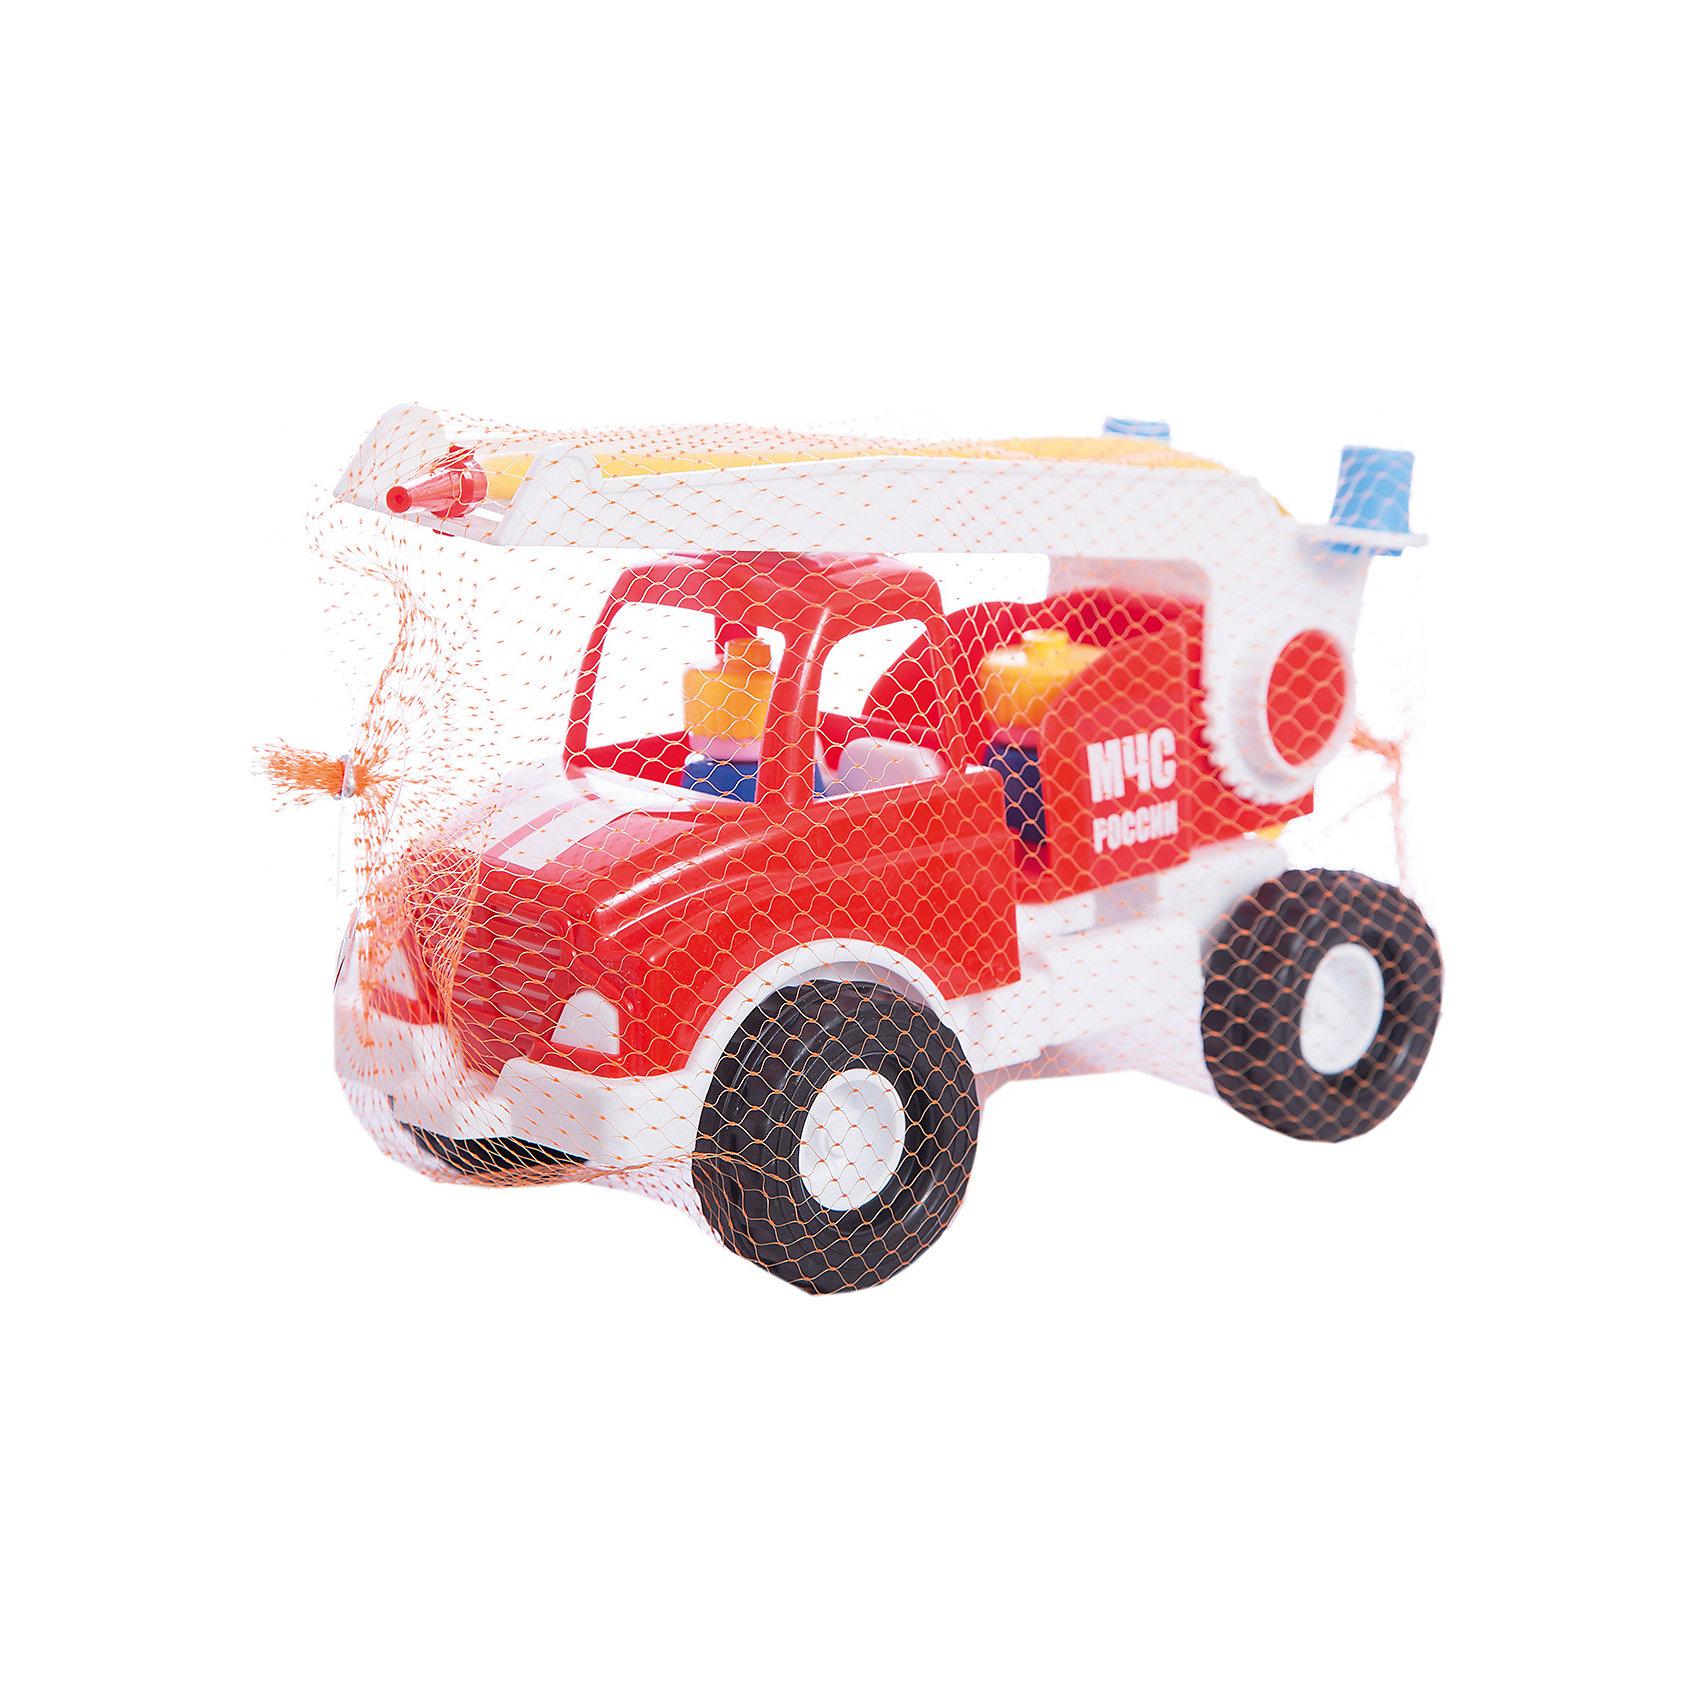 Стеллар Стеллар Пожарная машина стеллар стеллар юла домик в деревне